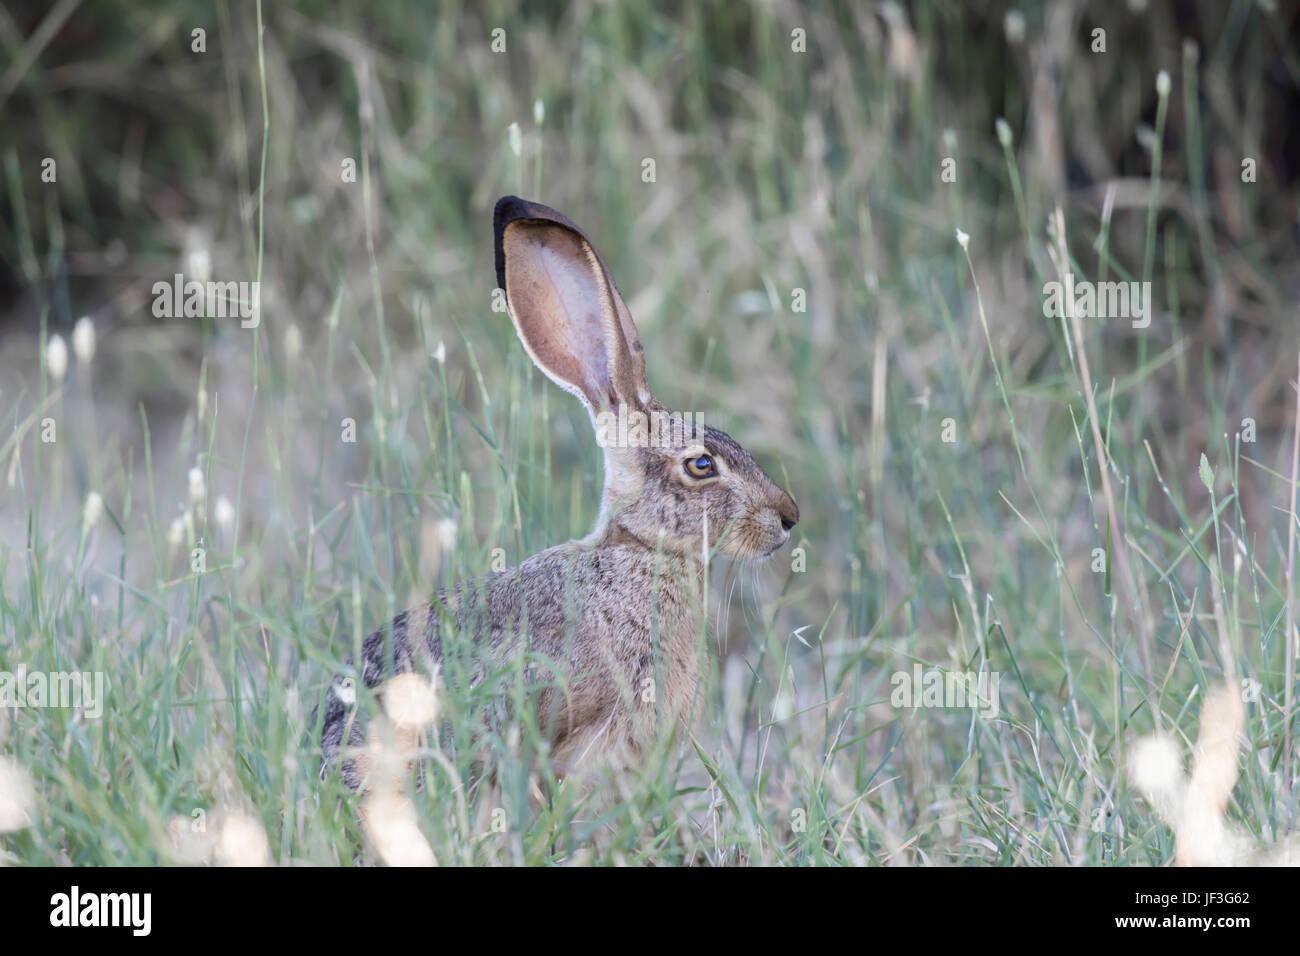 Alert Black-tailed Jackrabbit (Lepus californicus) Camouflaged. - Stock Image